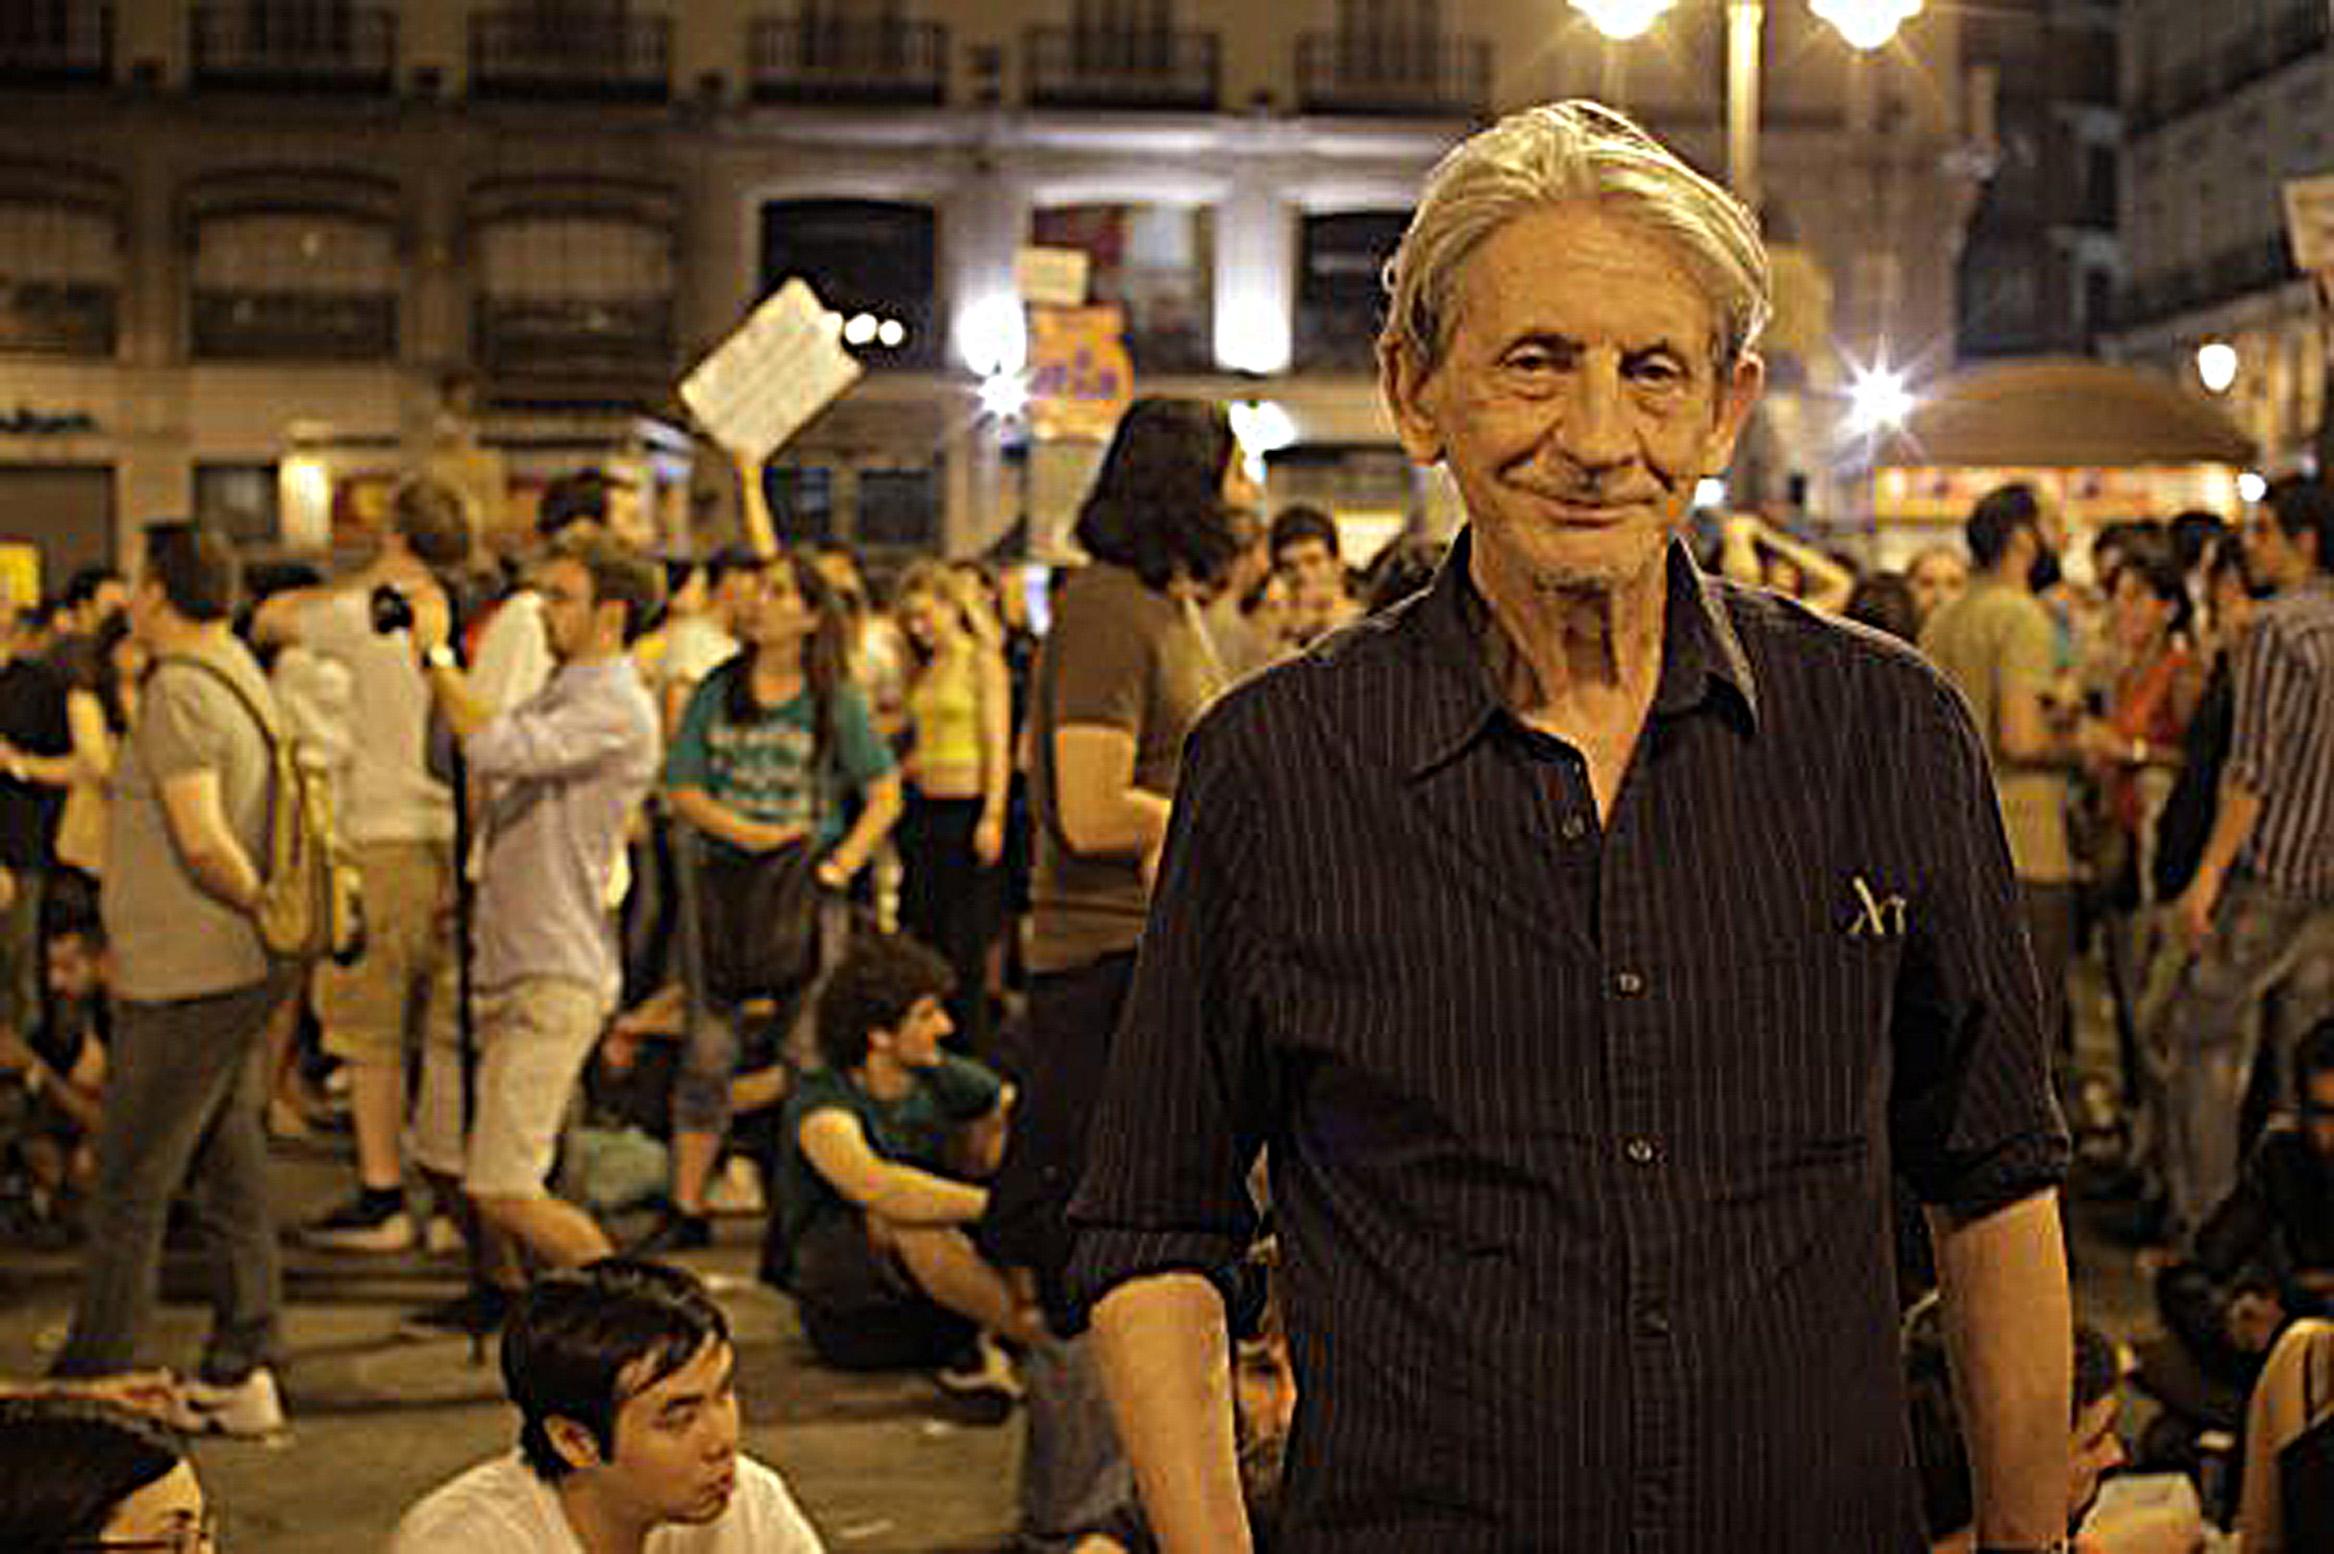 Basilio en la Puerta del Sol madrileña durante el rodaje de Libre te quiero sobre el 15-M_